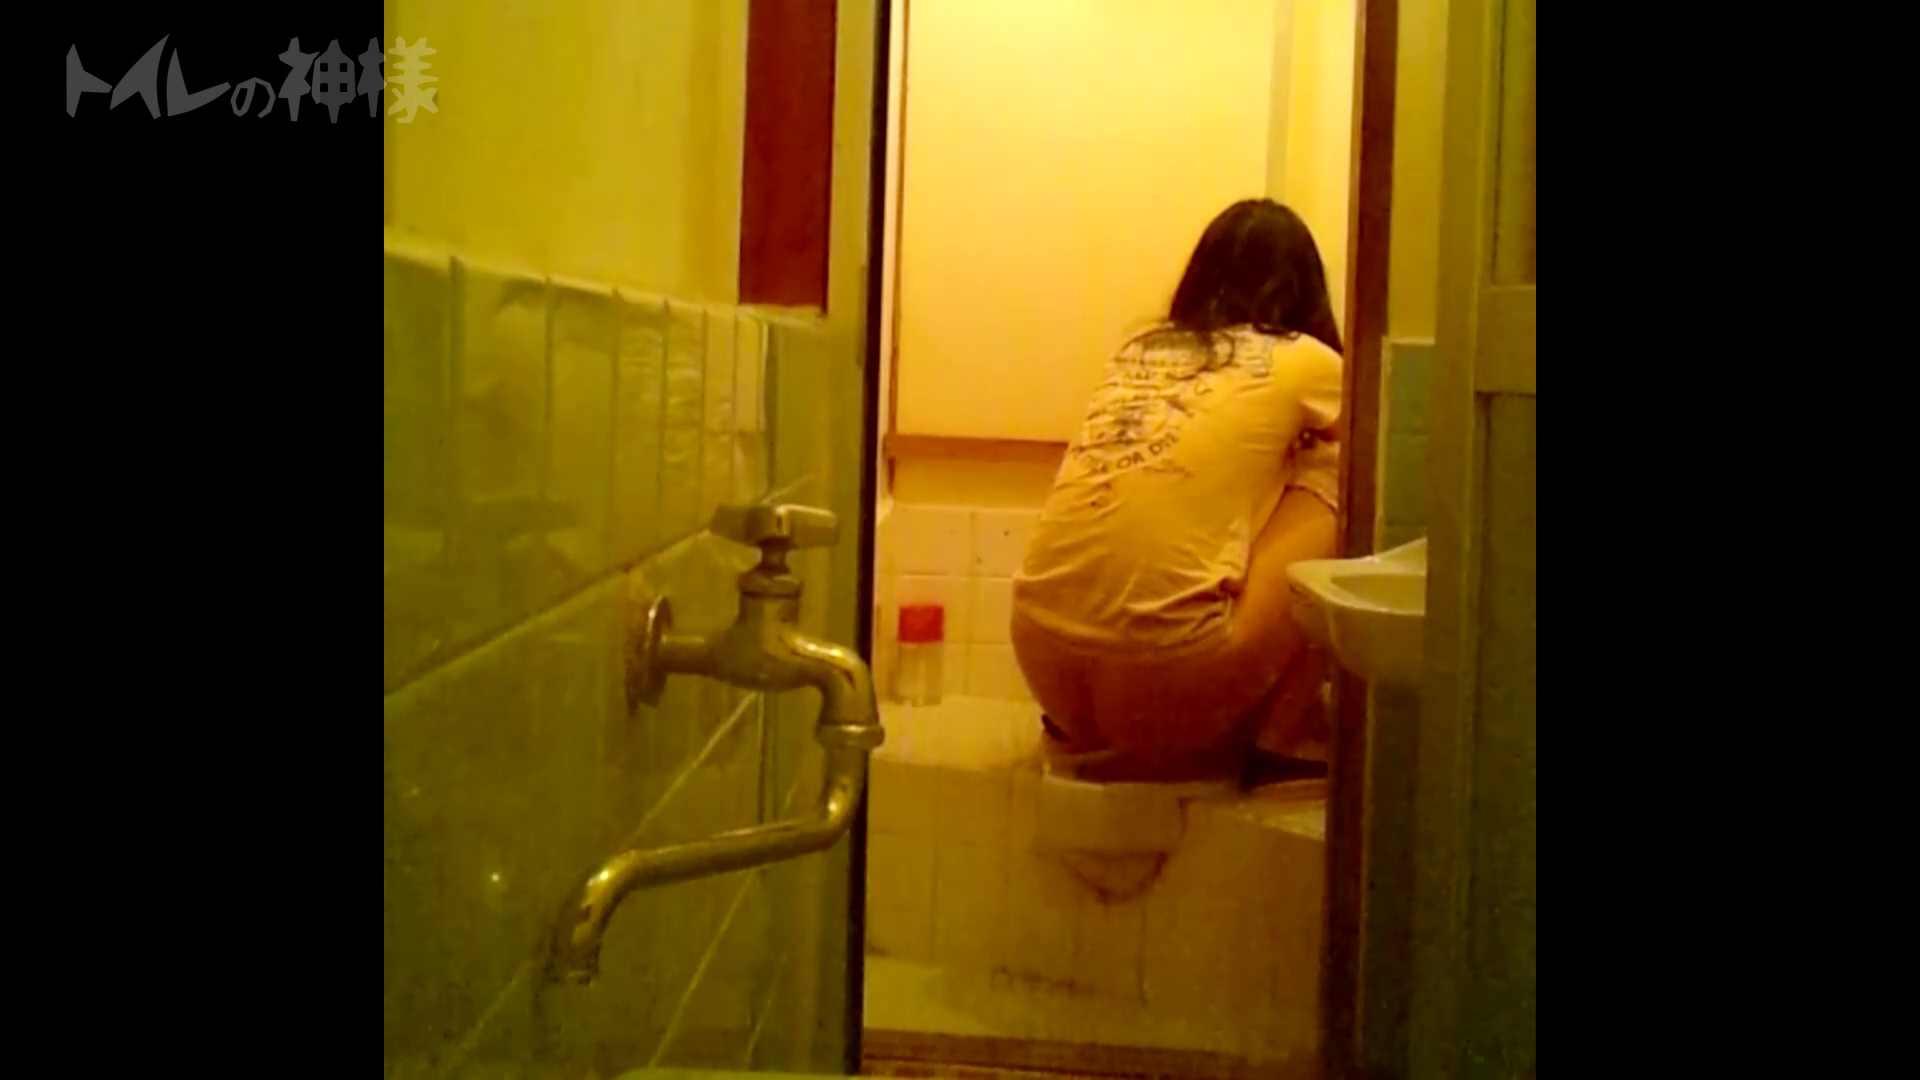 トイレの神様 Vol.08 プリントしたお・し・り 丸見え エロ画像 102枚 100